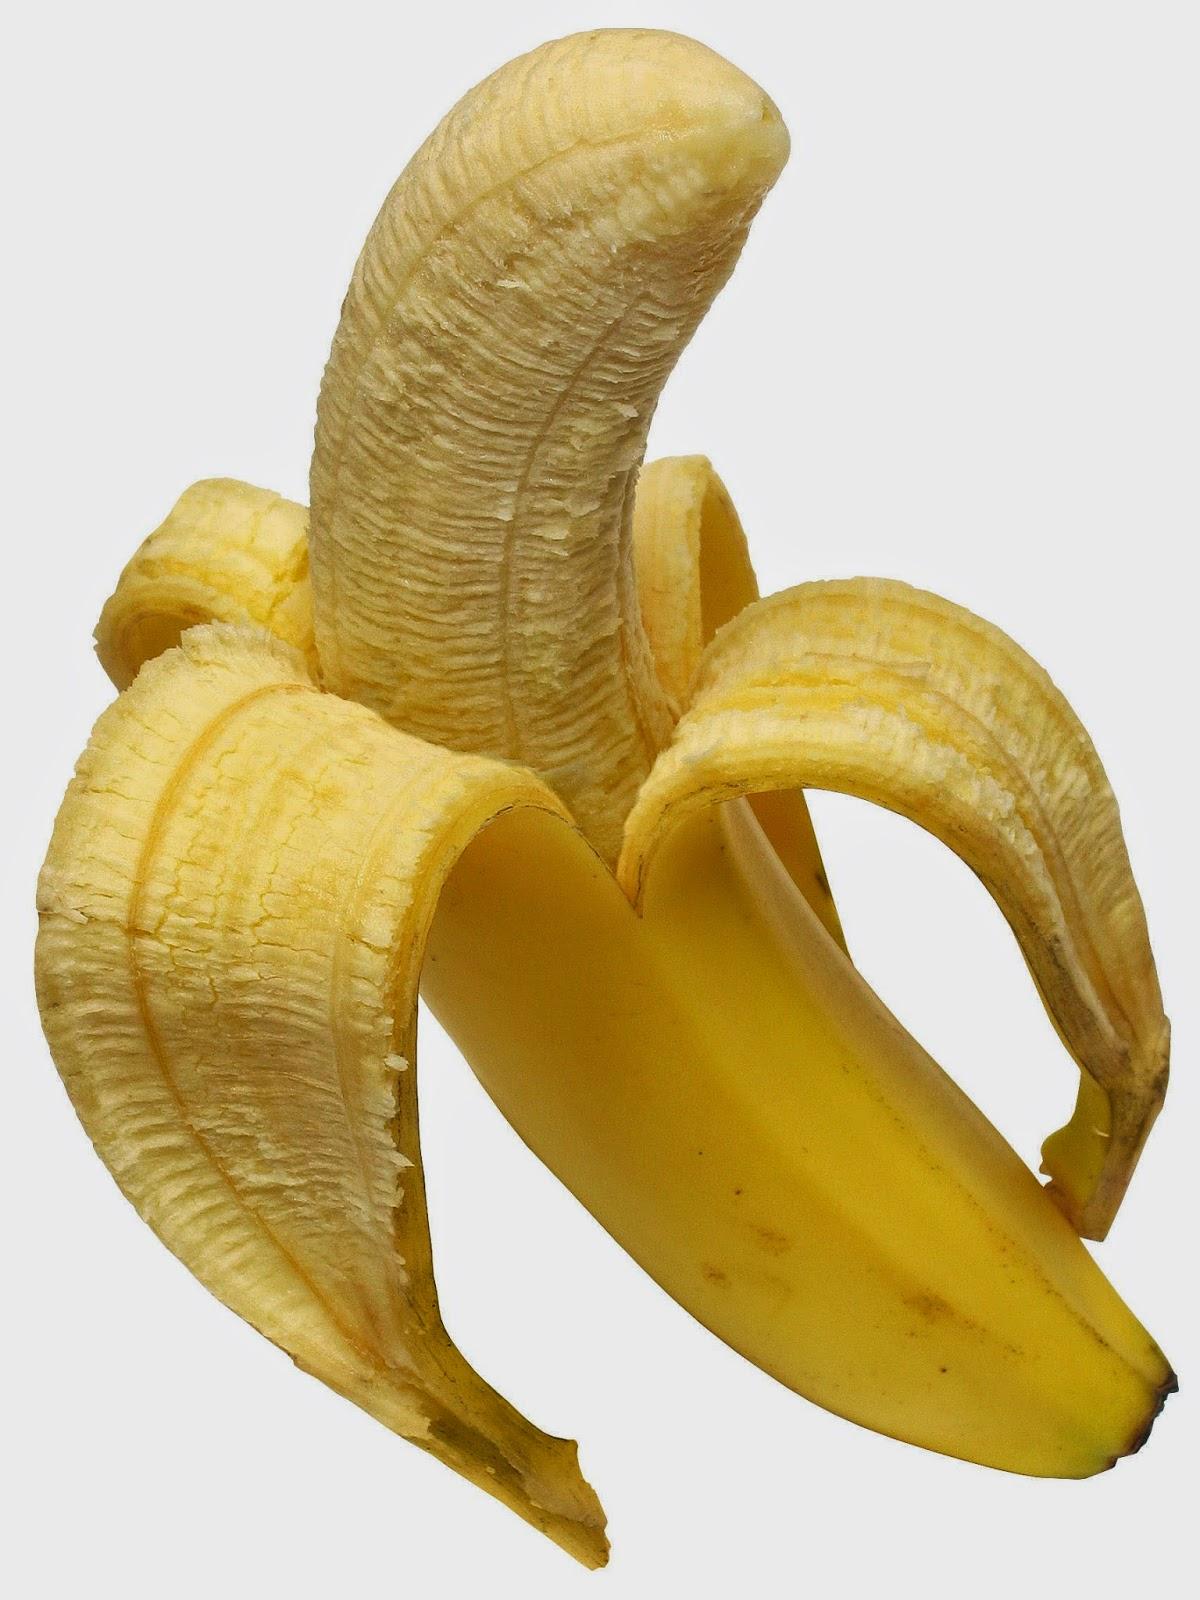 http://infomuu.blogspot.com/2014/10/manfaat-buah-pisang-untuk-kesehatan.html